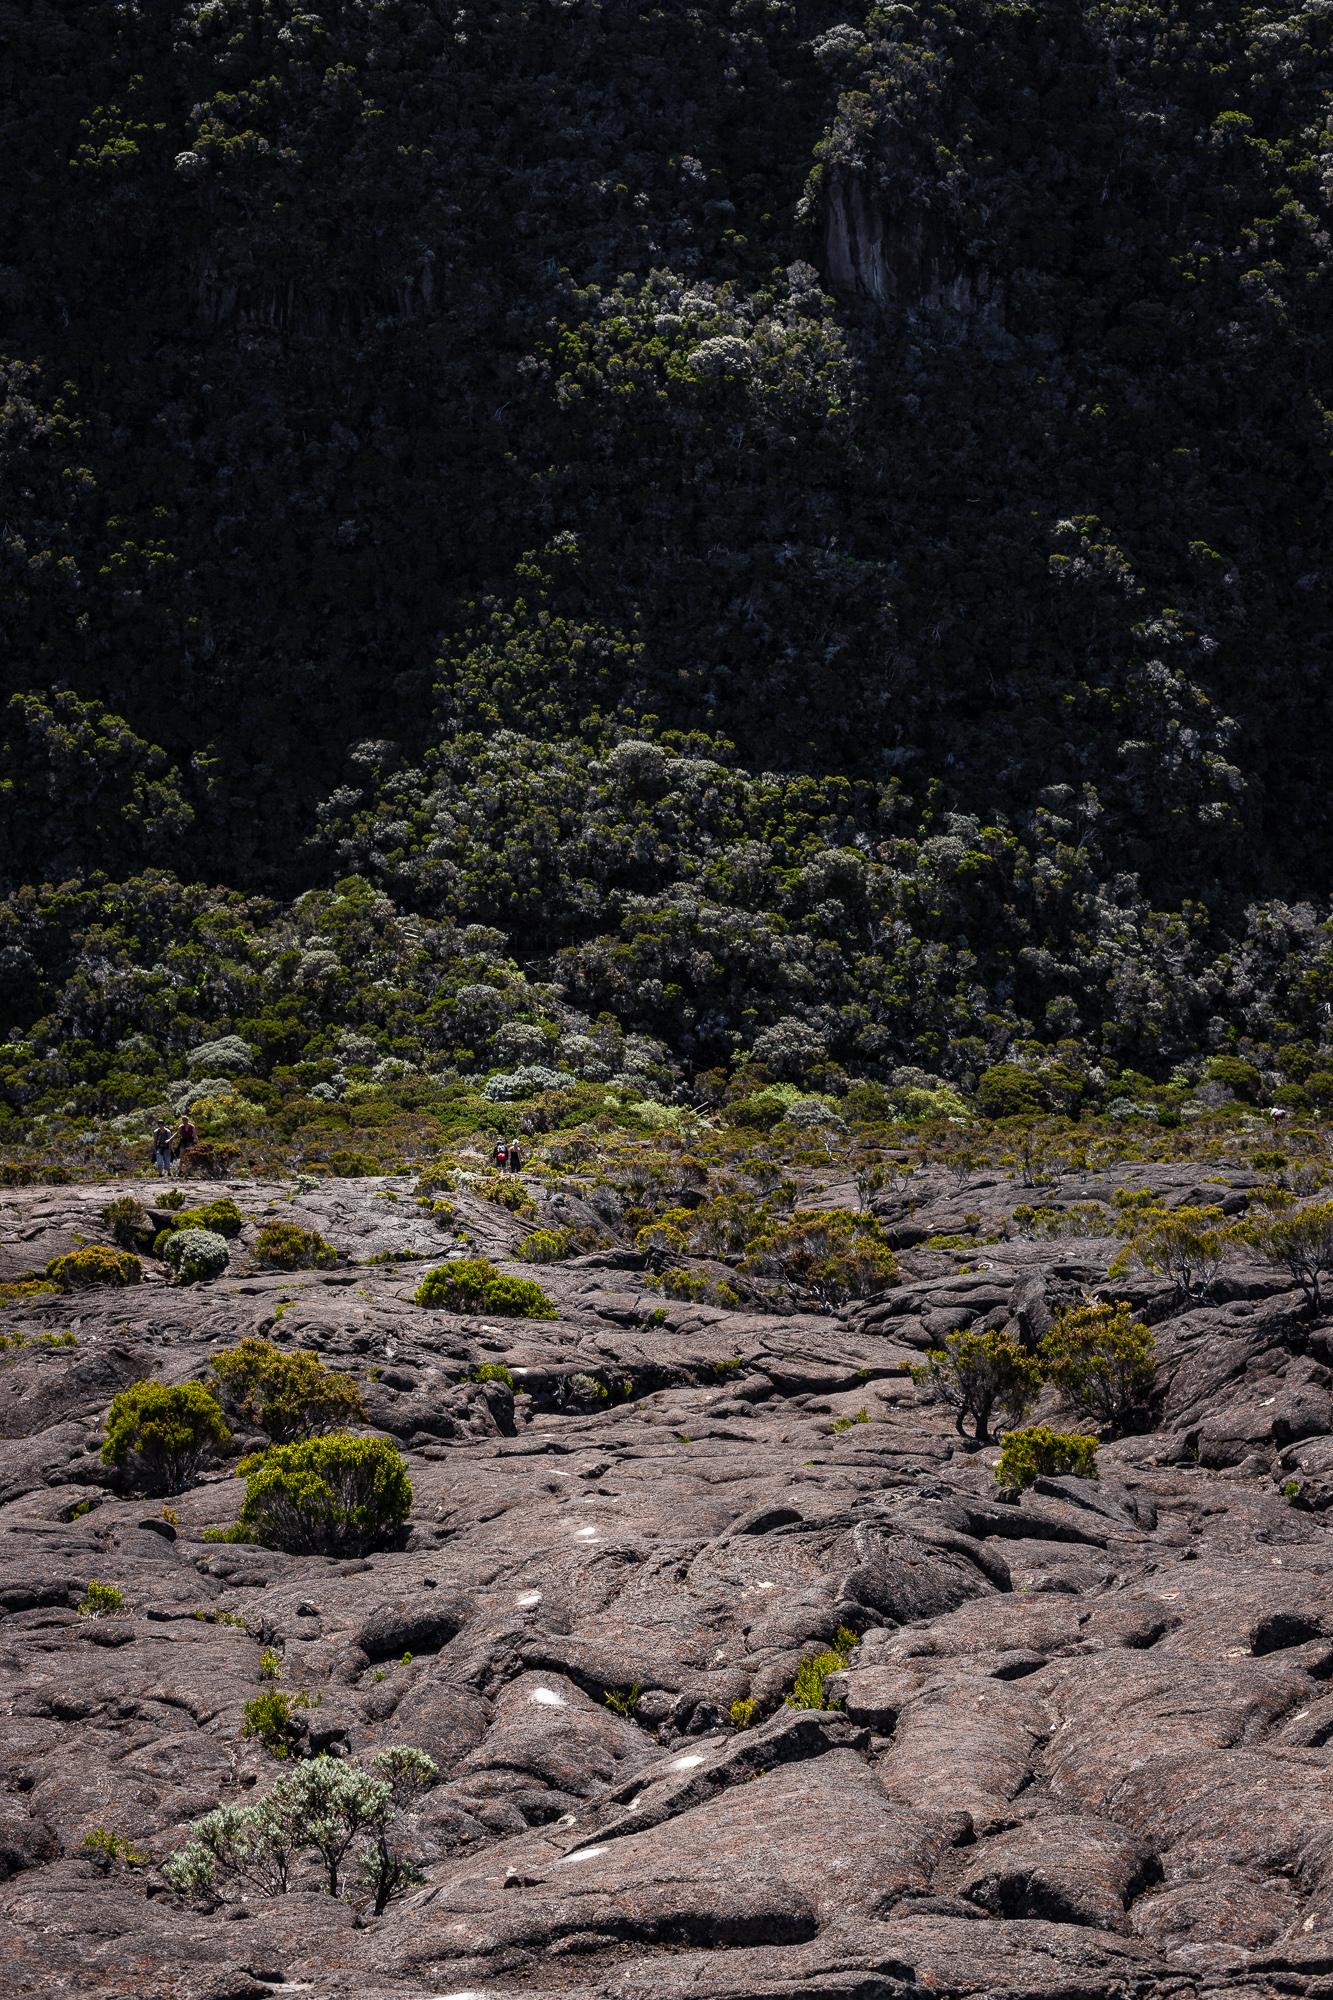 végétation remparts enclos piton de la fournaise